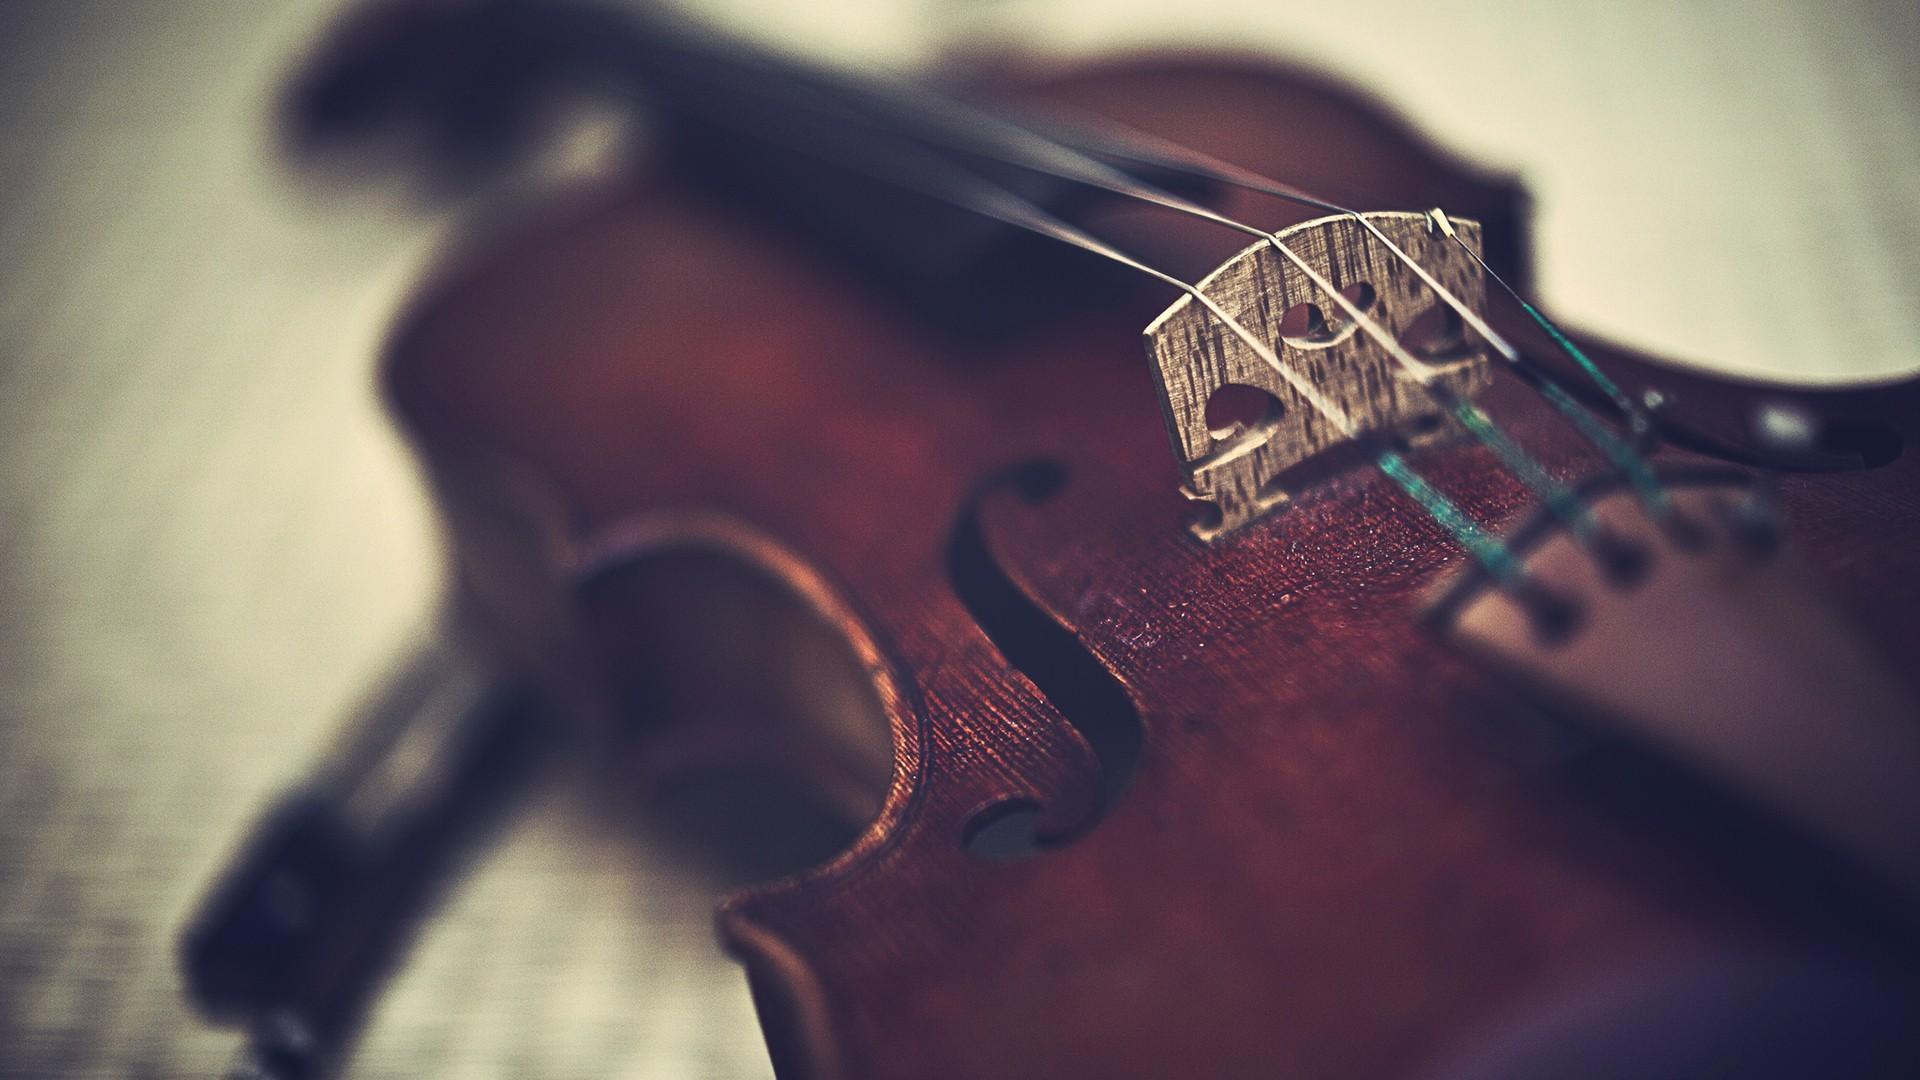 Violin Is An Instrument Wallpaper HD 8715 #3135 Wallpaper   High .